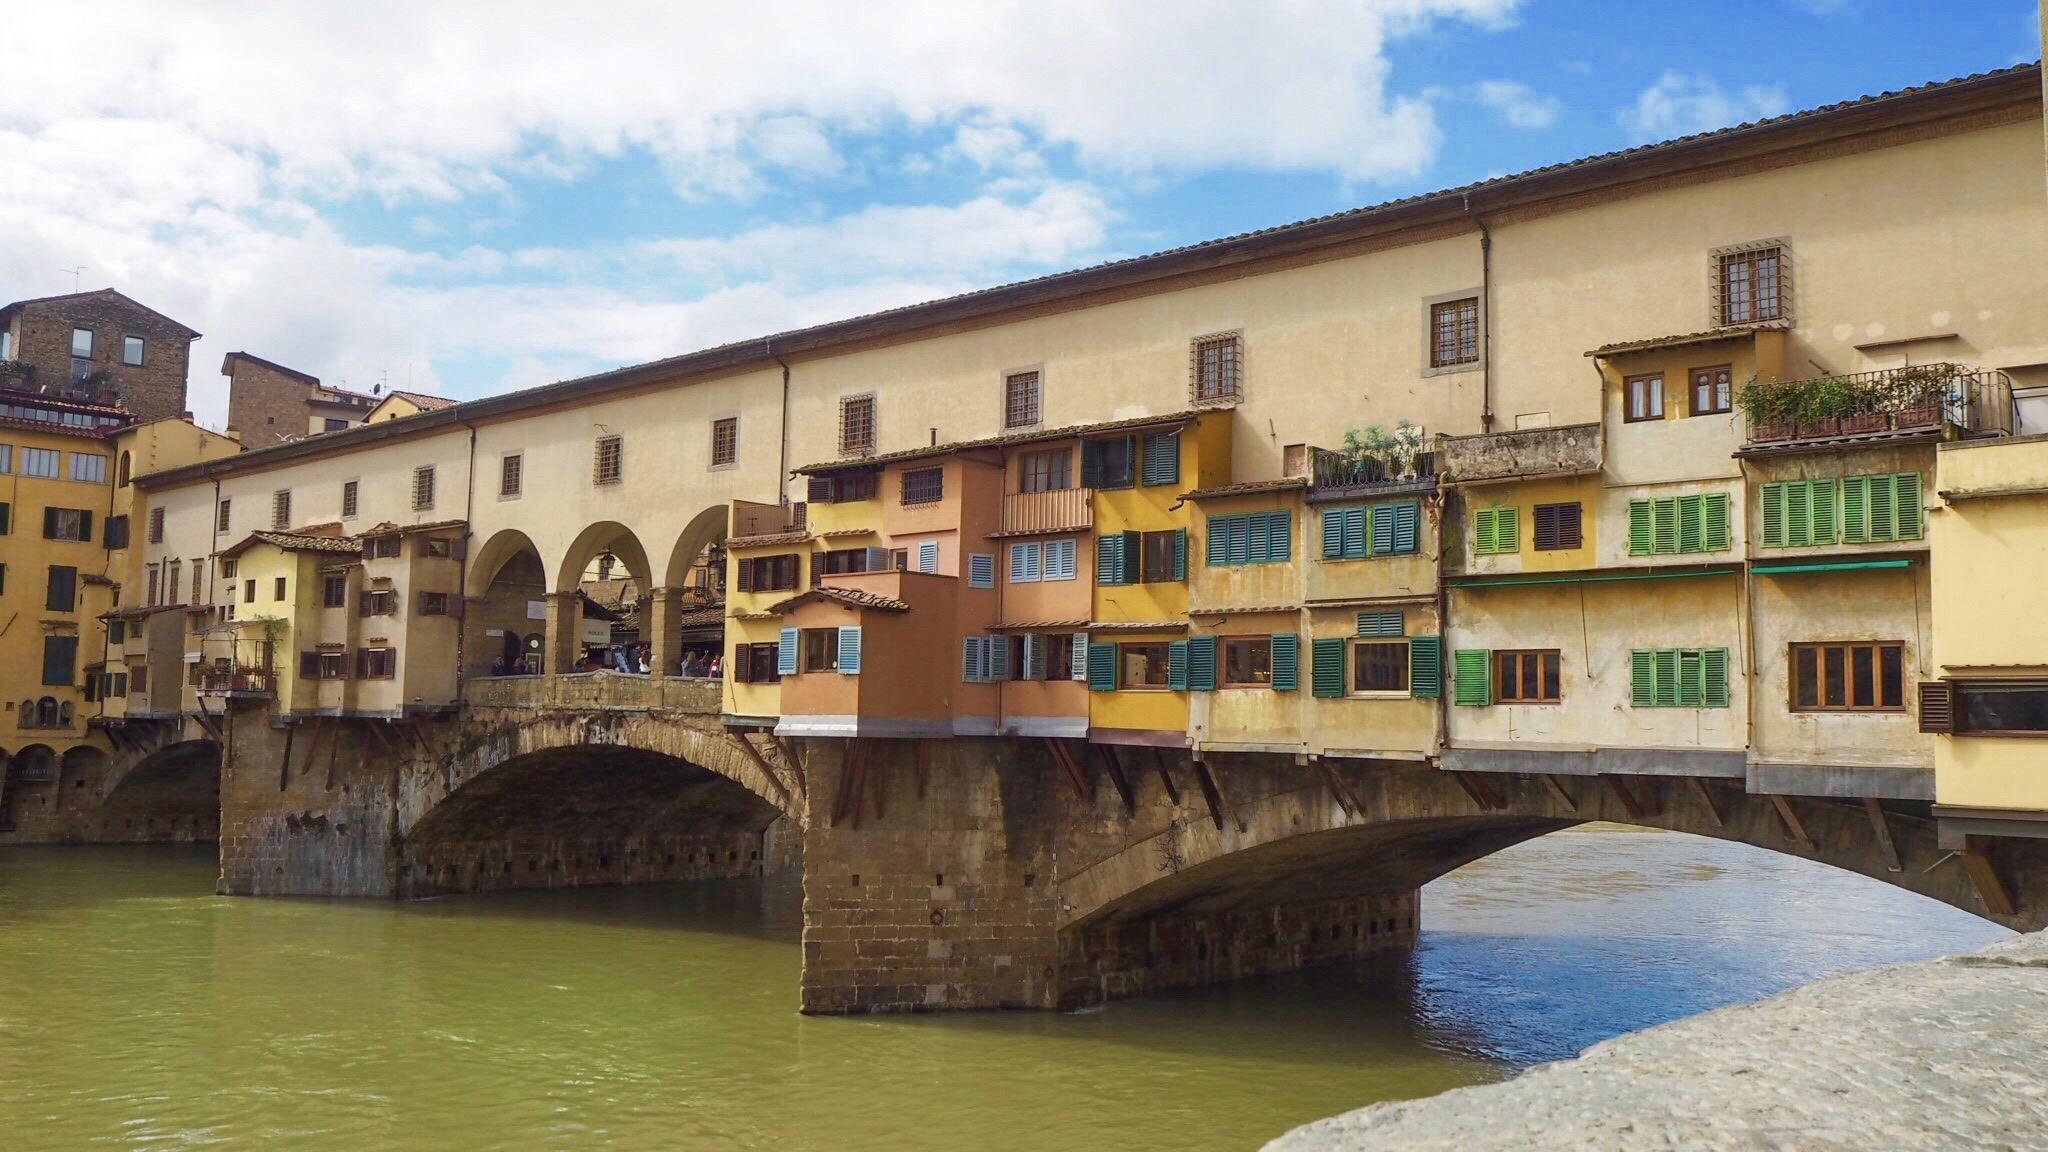 Benci House Firenze!